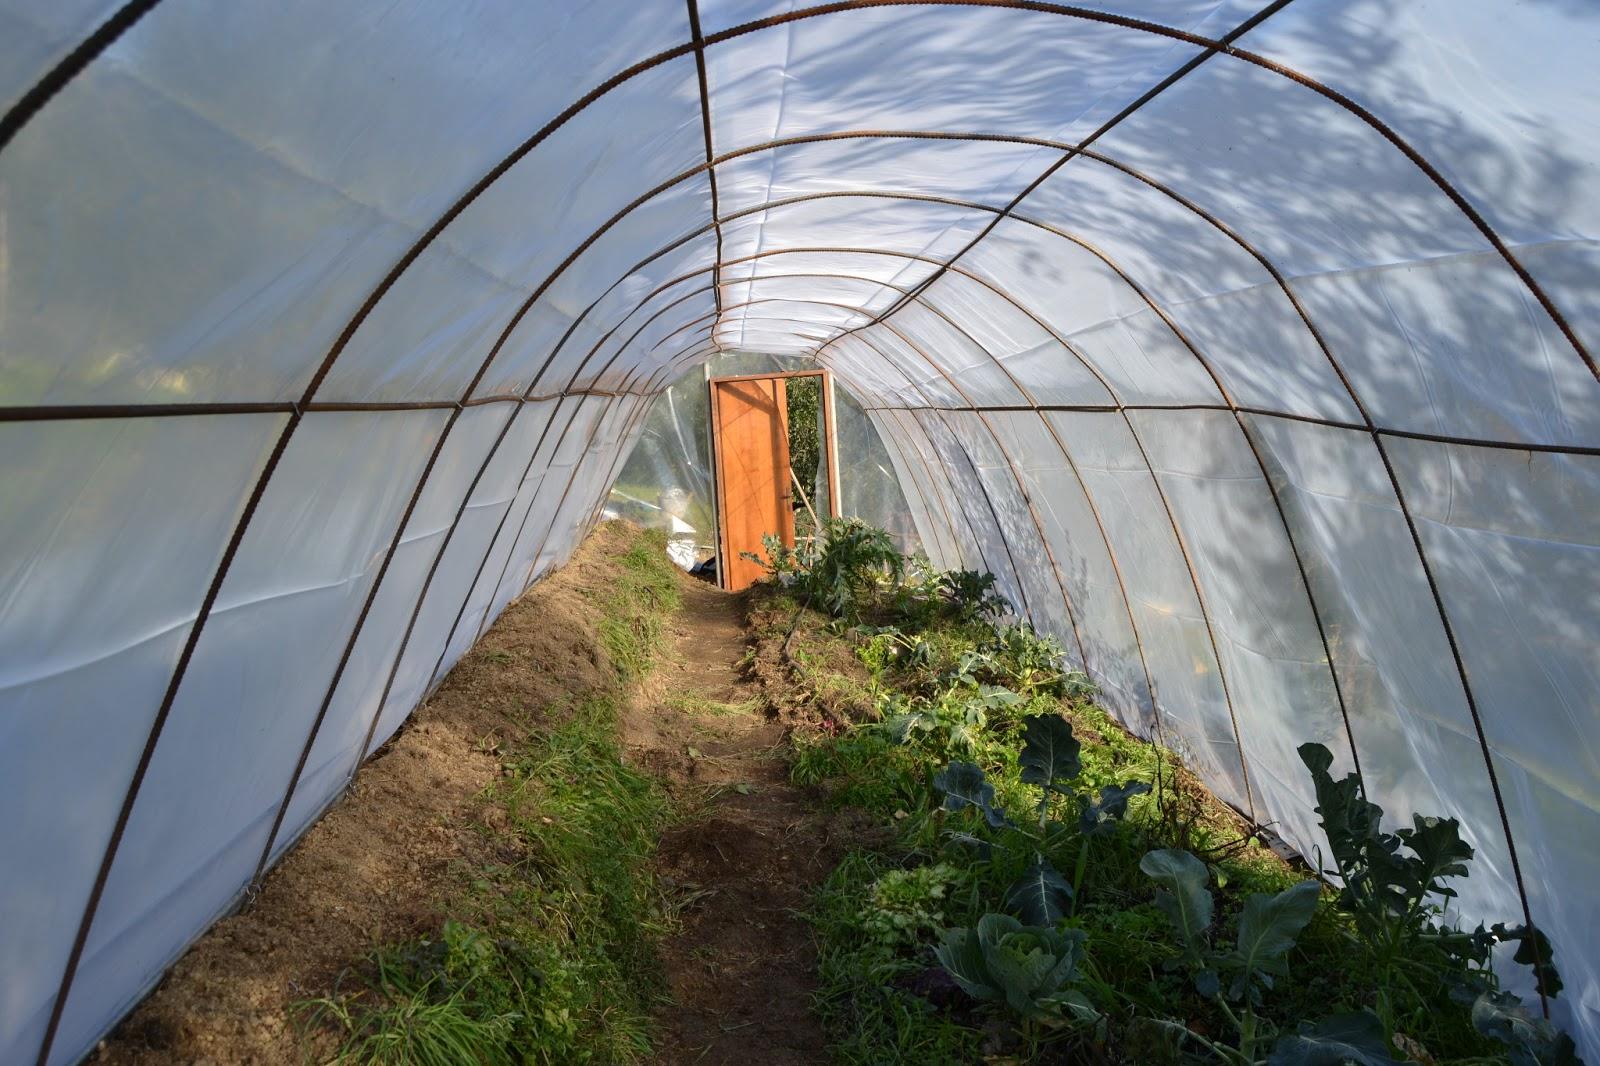 I sogni di harlock costruire una serra nel campo con poco for Archi per serre da orto